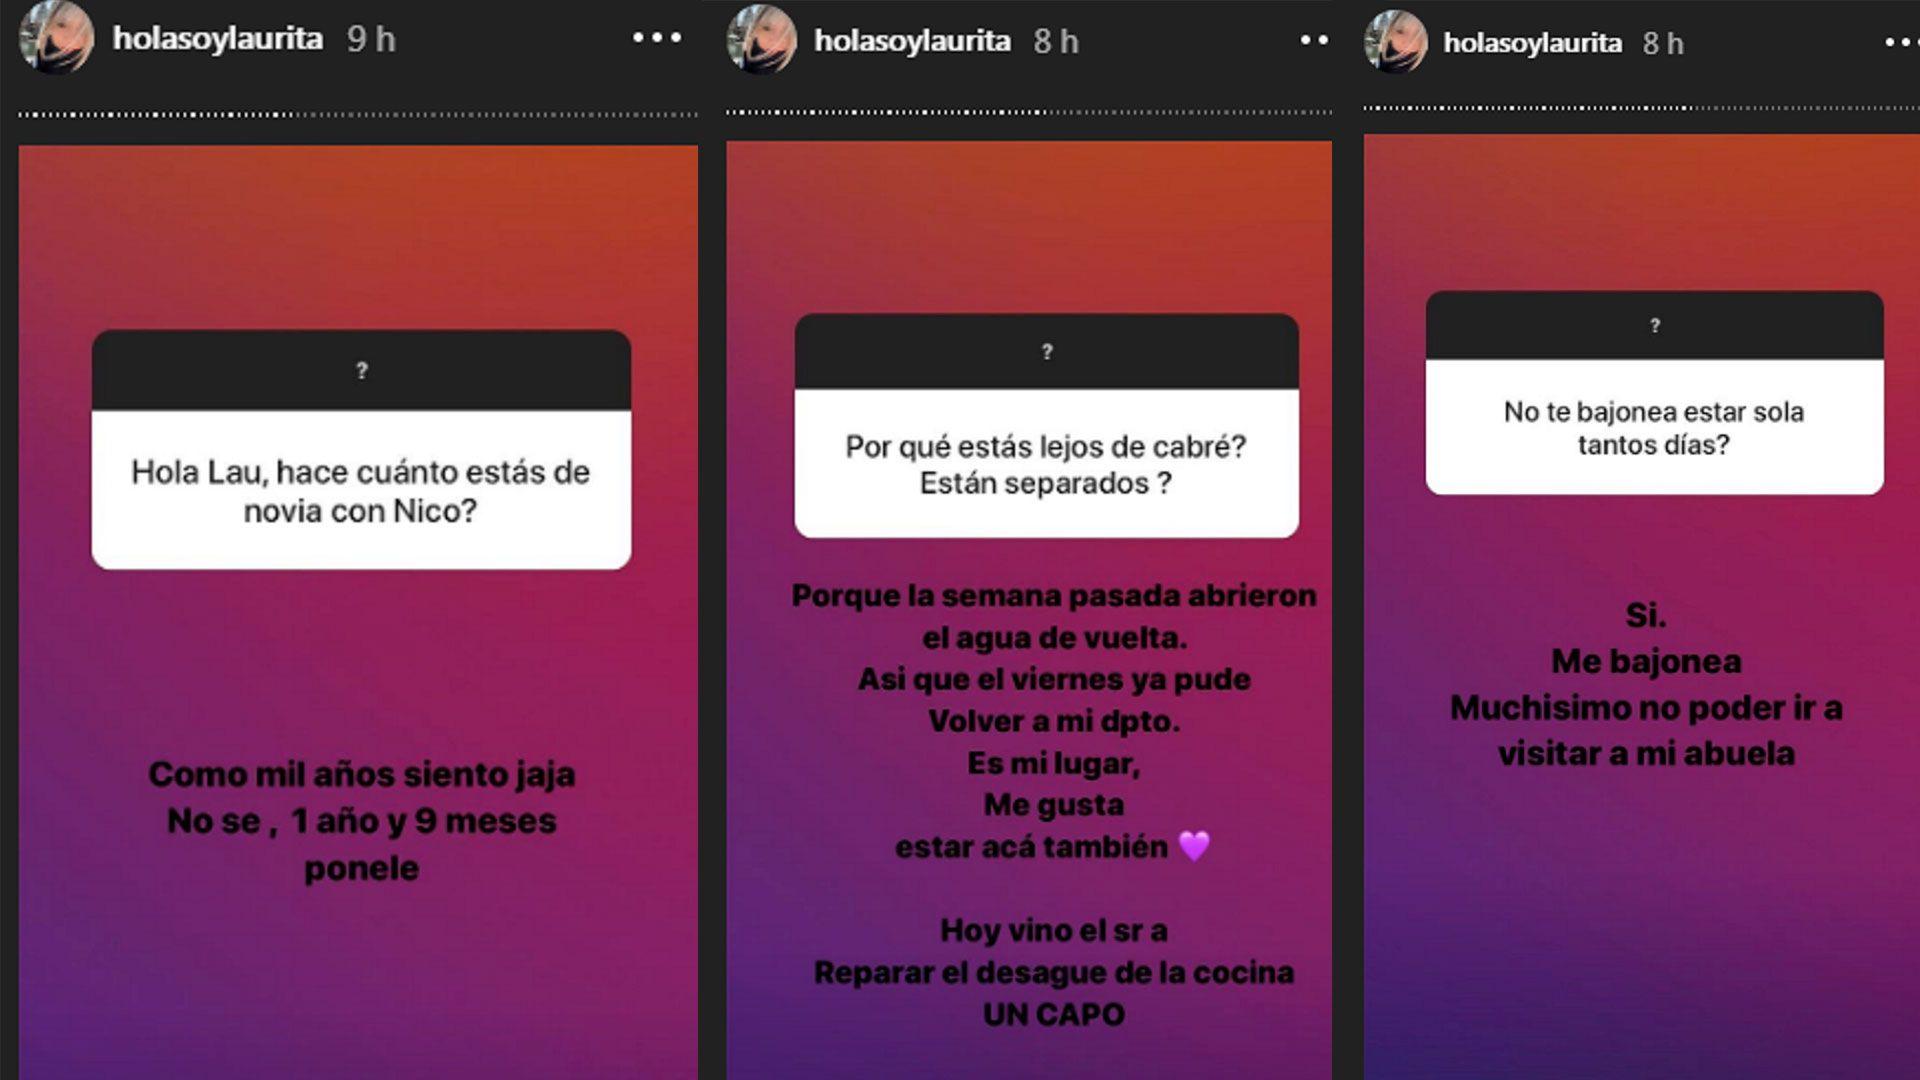 El intercambio entre Laurita Fernández y sus seguidores